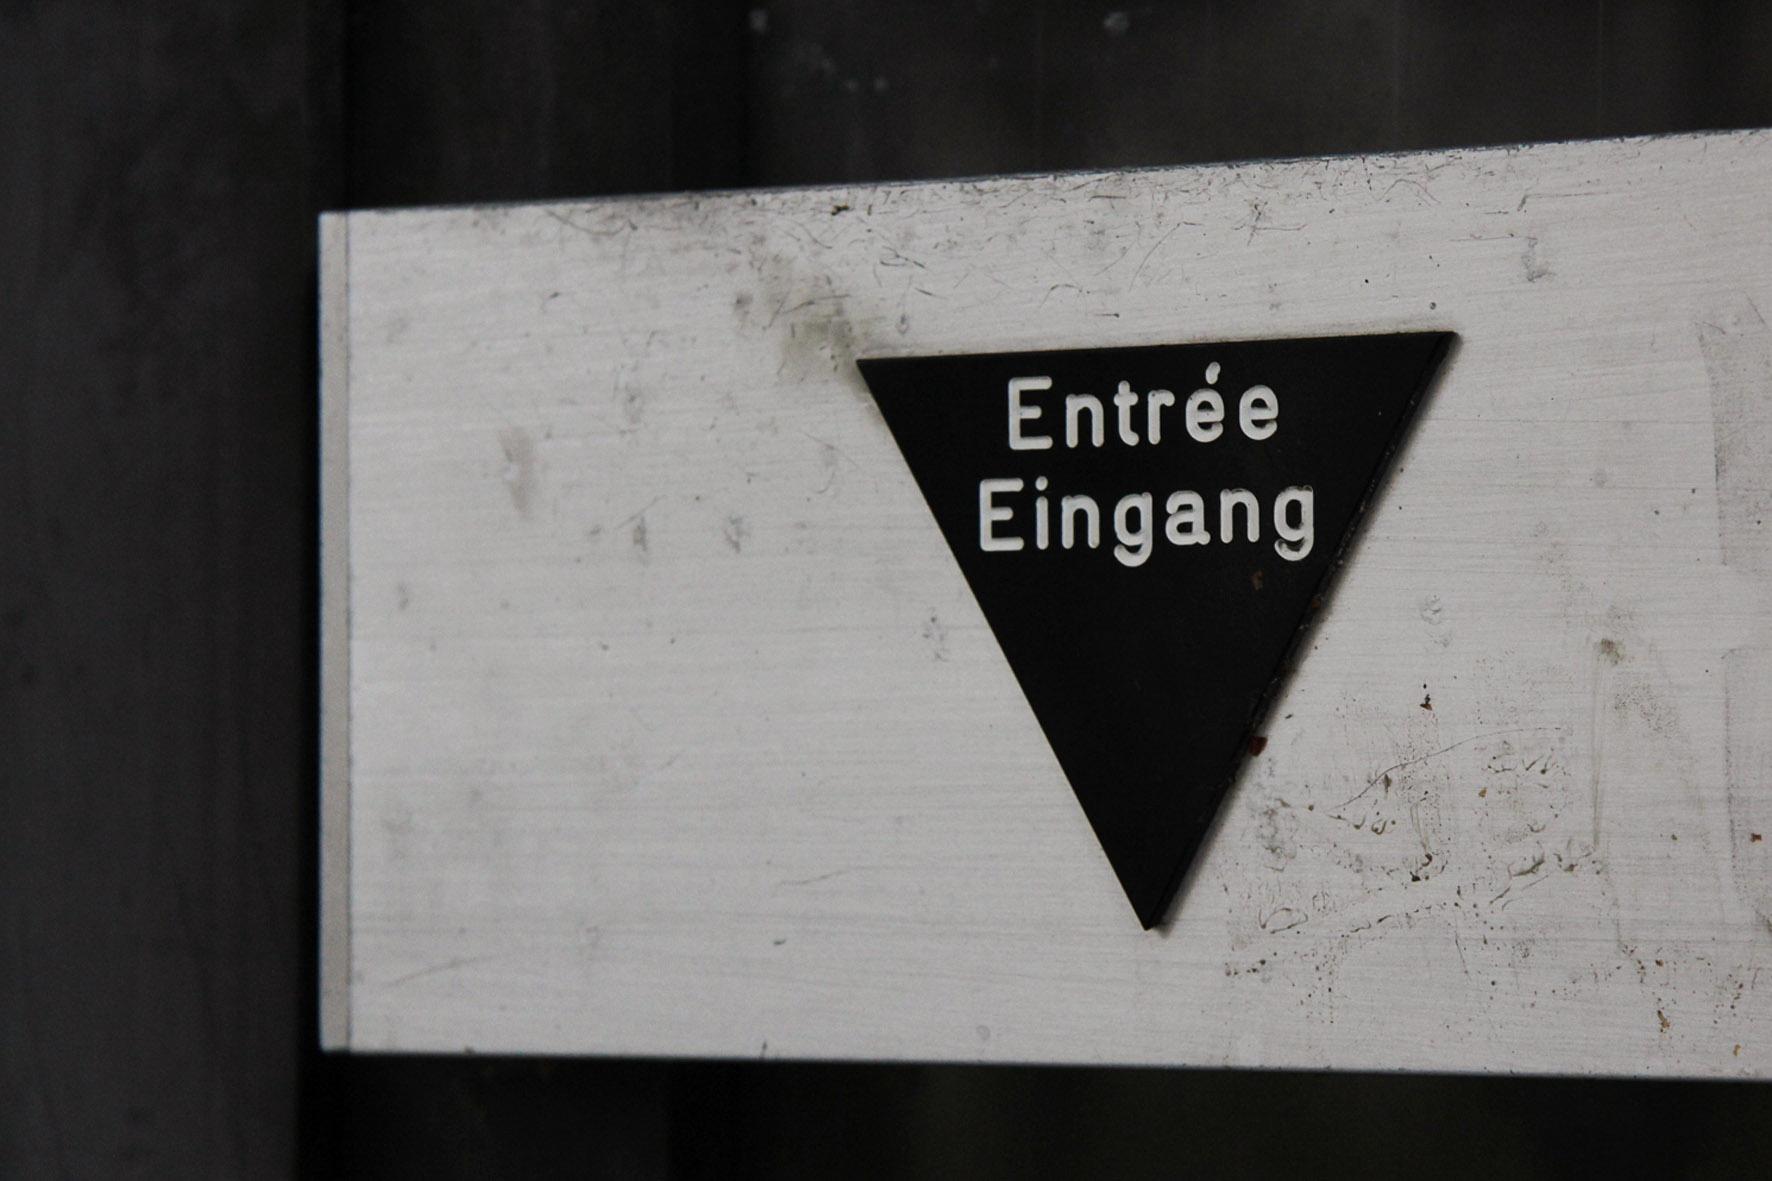 Entree / Eingang auf einer Tür im Franzosenbad Berlin - Ein verlassenes Schwimmbad in der Cité Foch, ehemals Heimat der französischen Alliierten, die nach dem Zweiten Weltkrieg in Berlin stationiert waren